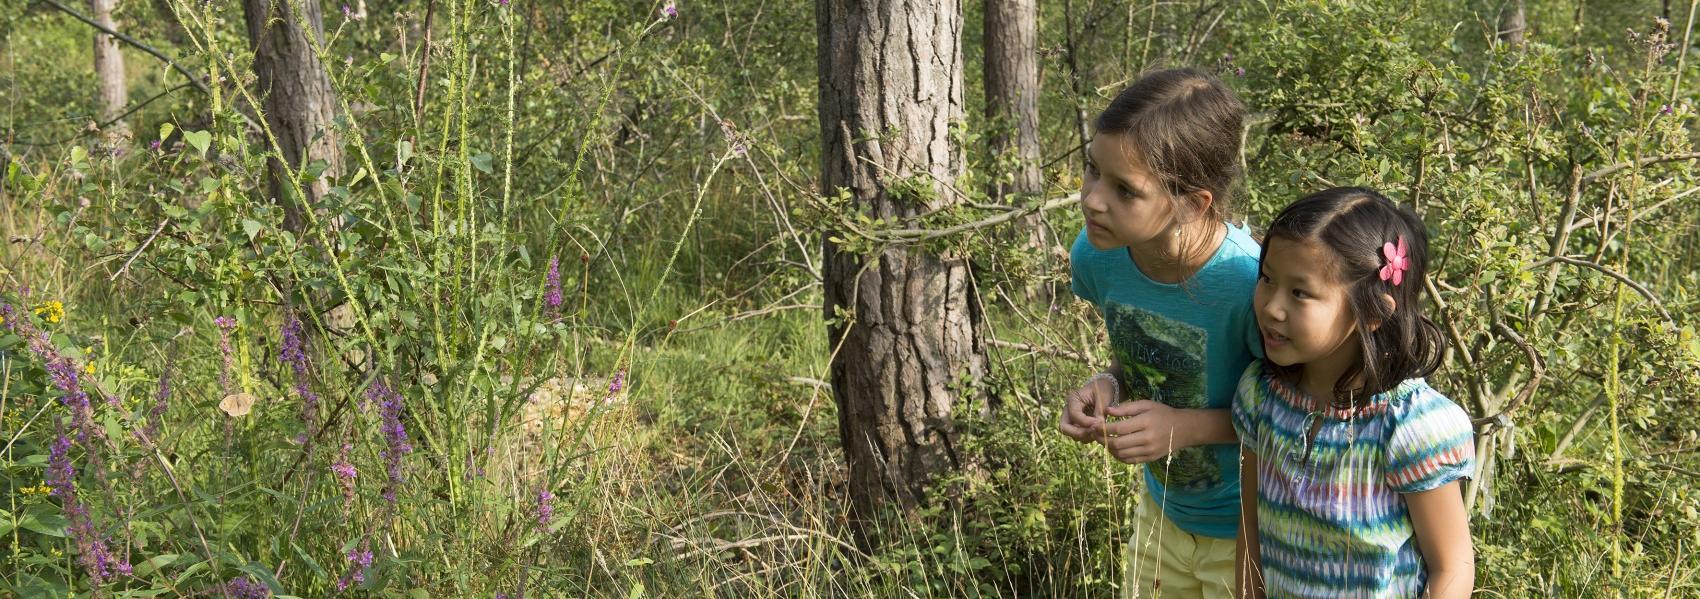 kinderen bewonderen de natuur